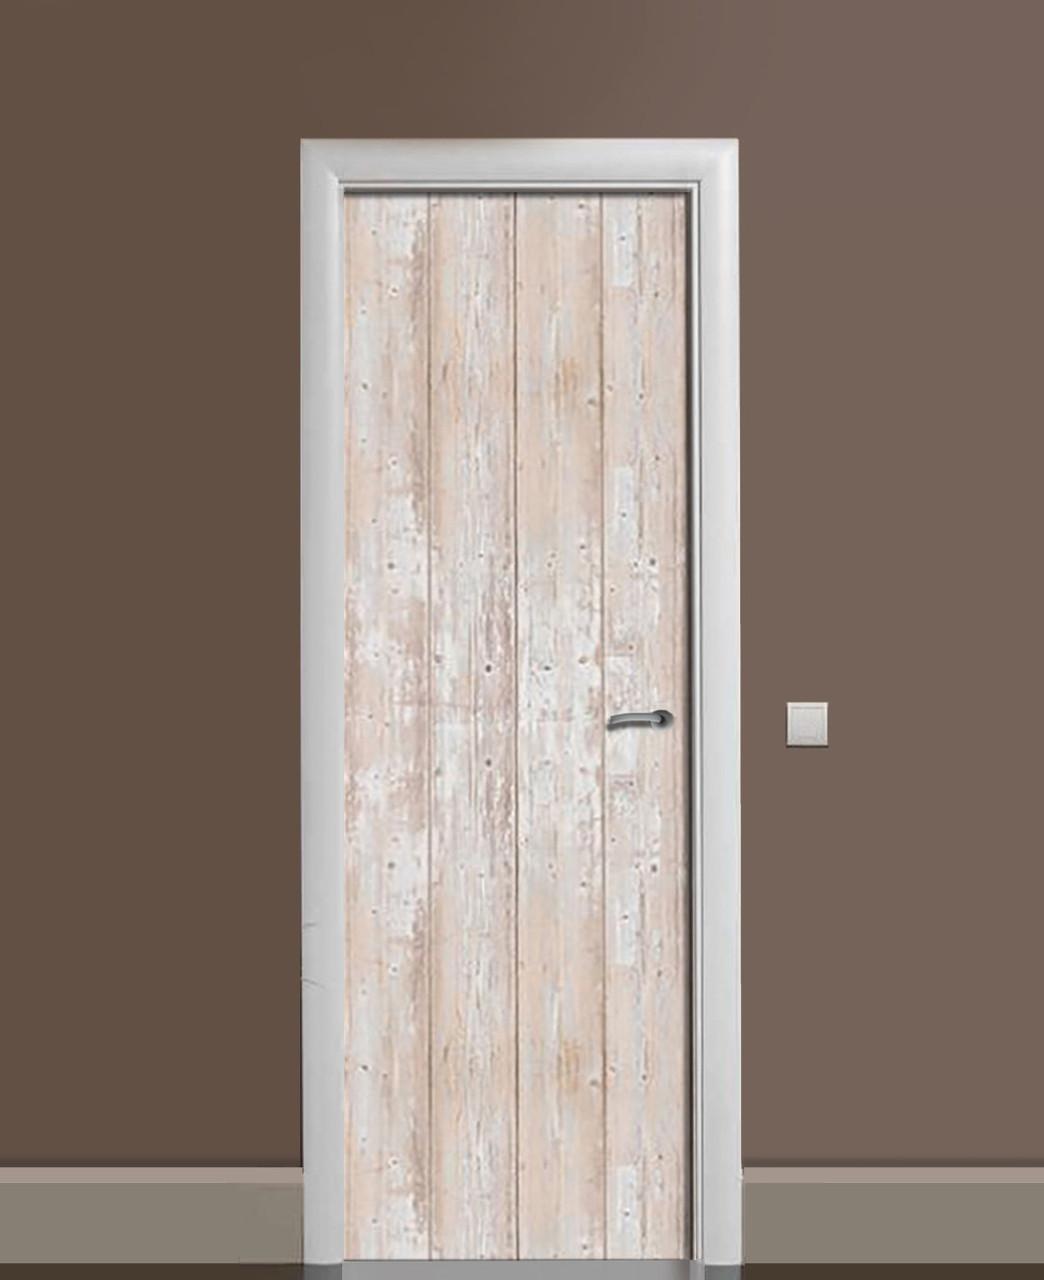 Декоративная наклейка на двери Кремовое дерево Прованс ПВХ пленка с ламинацией 65*200см Текстуры Бежевый